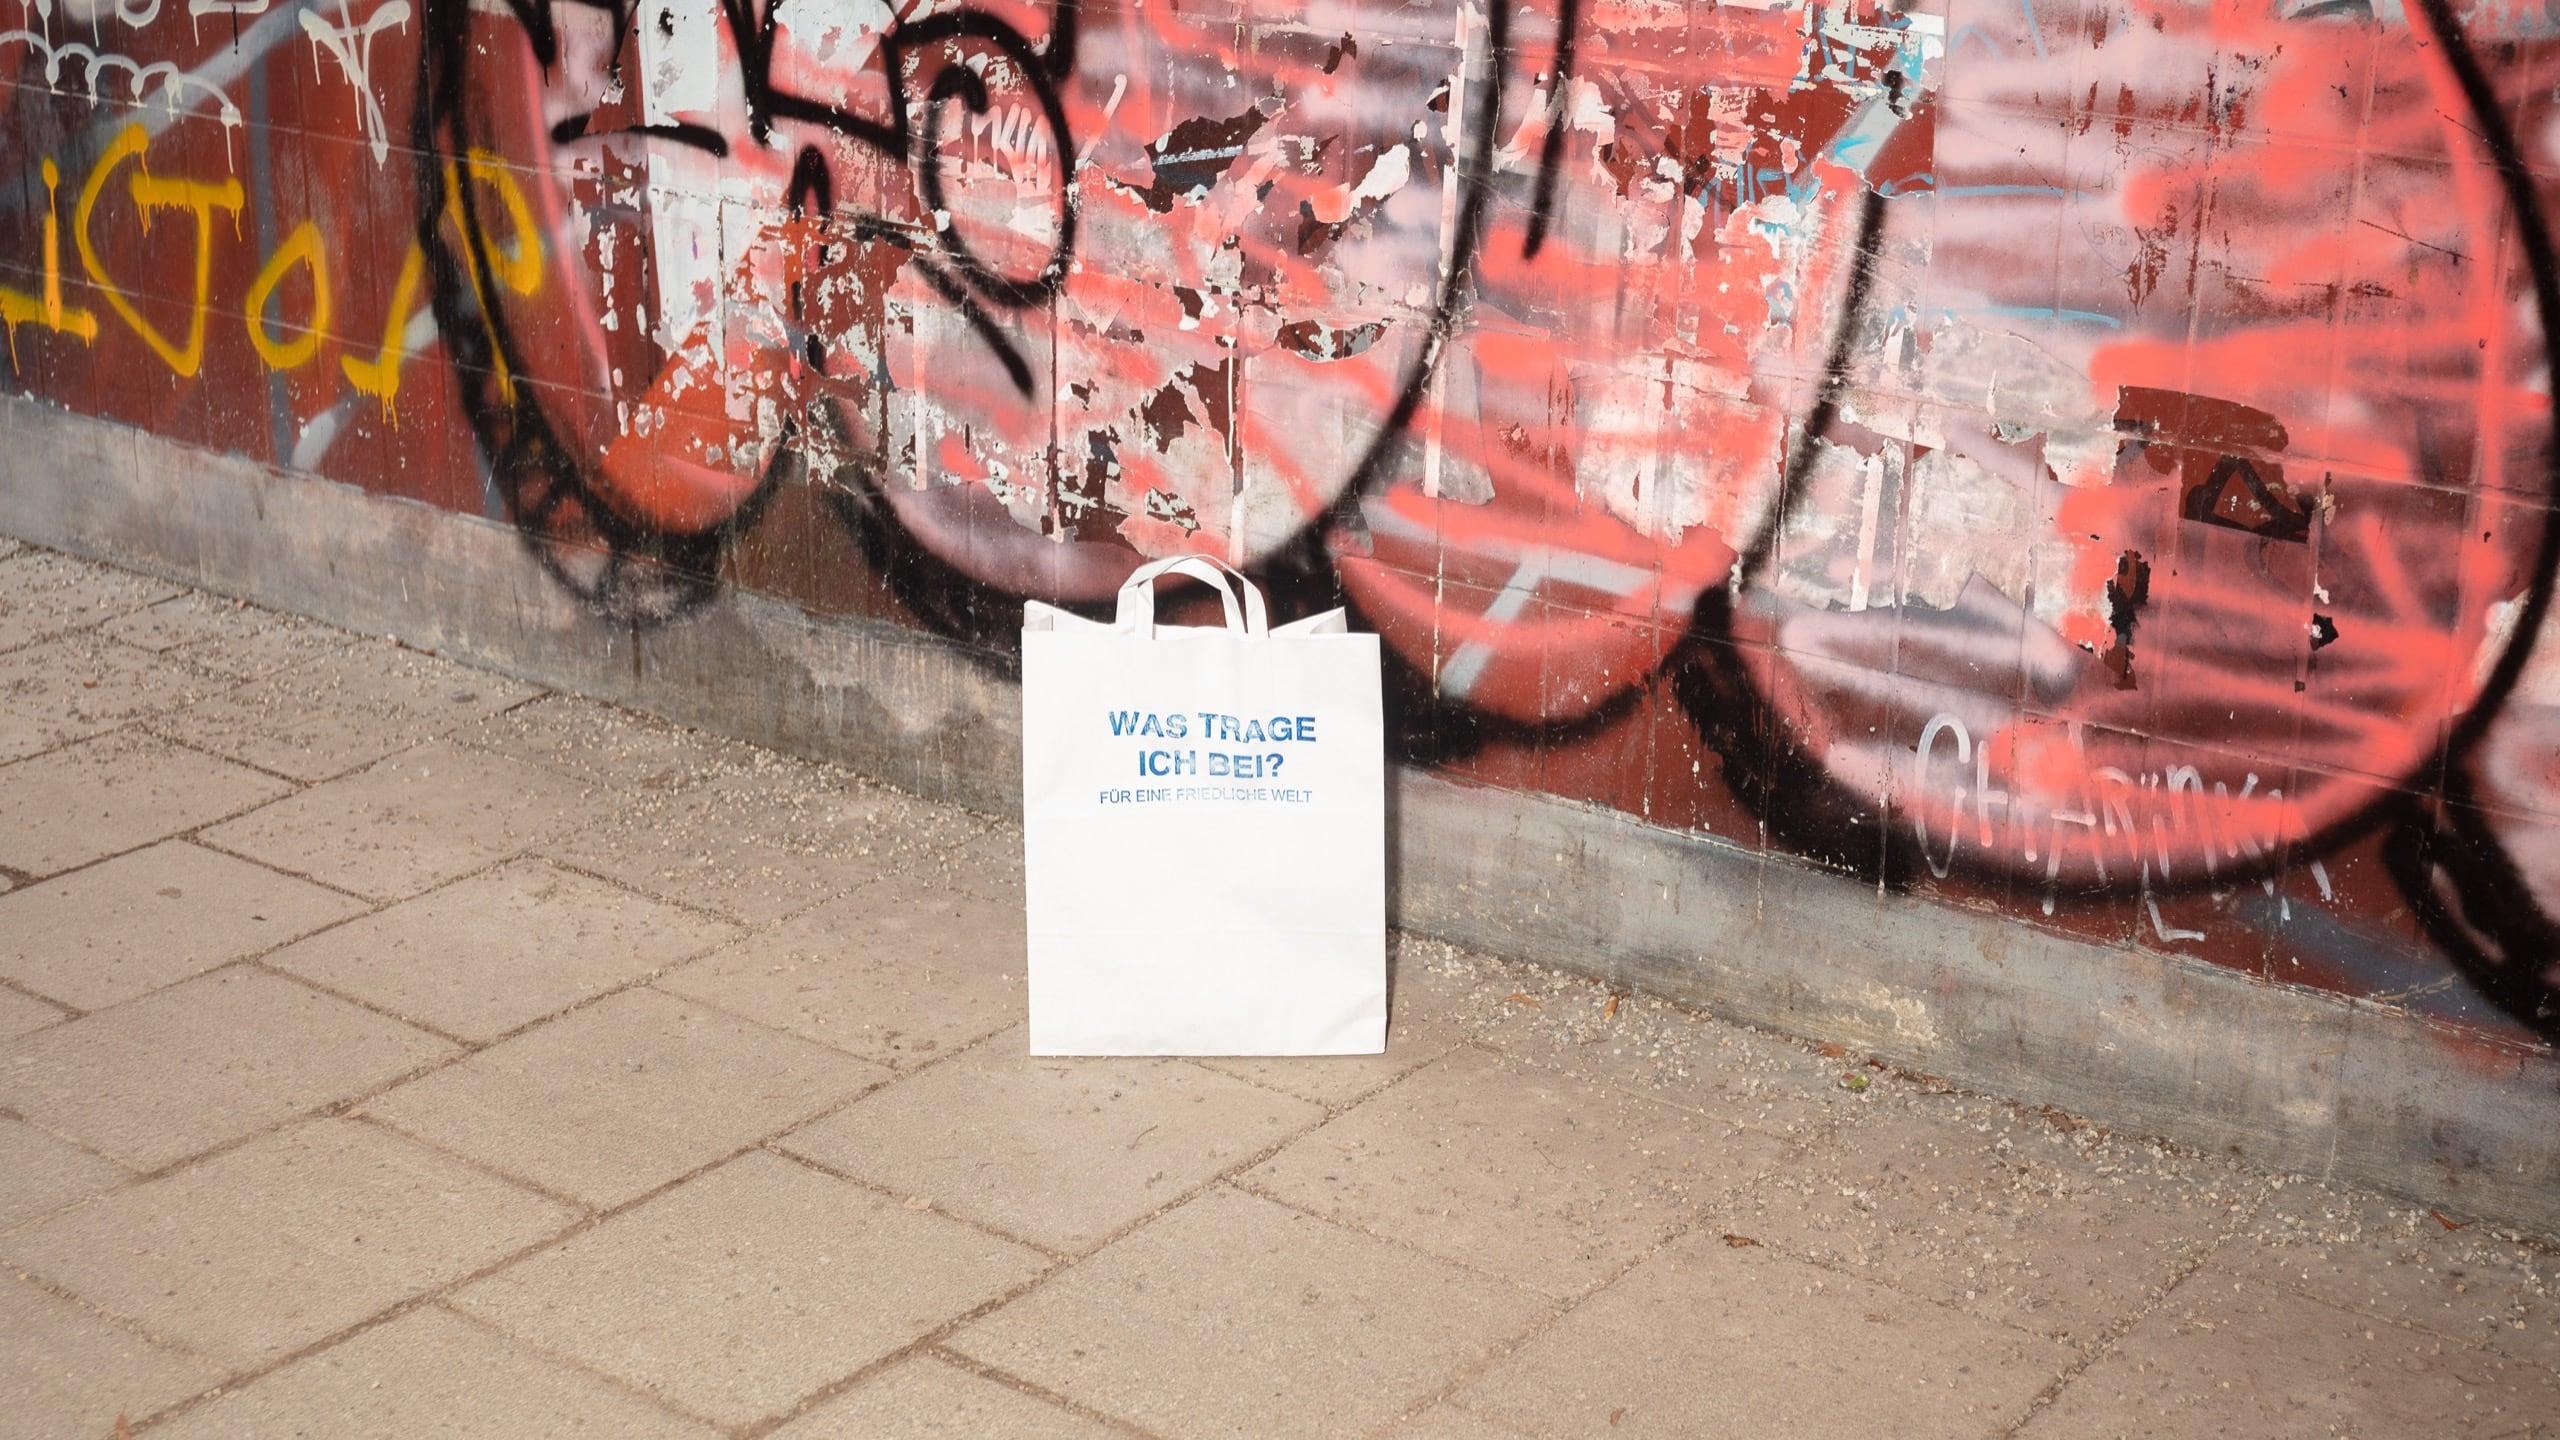 Eine weiße Papiertüte bedruckt mit der Frage Was trage ich bei? Für eine friedliche Welt. Die Tüte steht mittig vor einer Wand mit roten Graffitis.